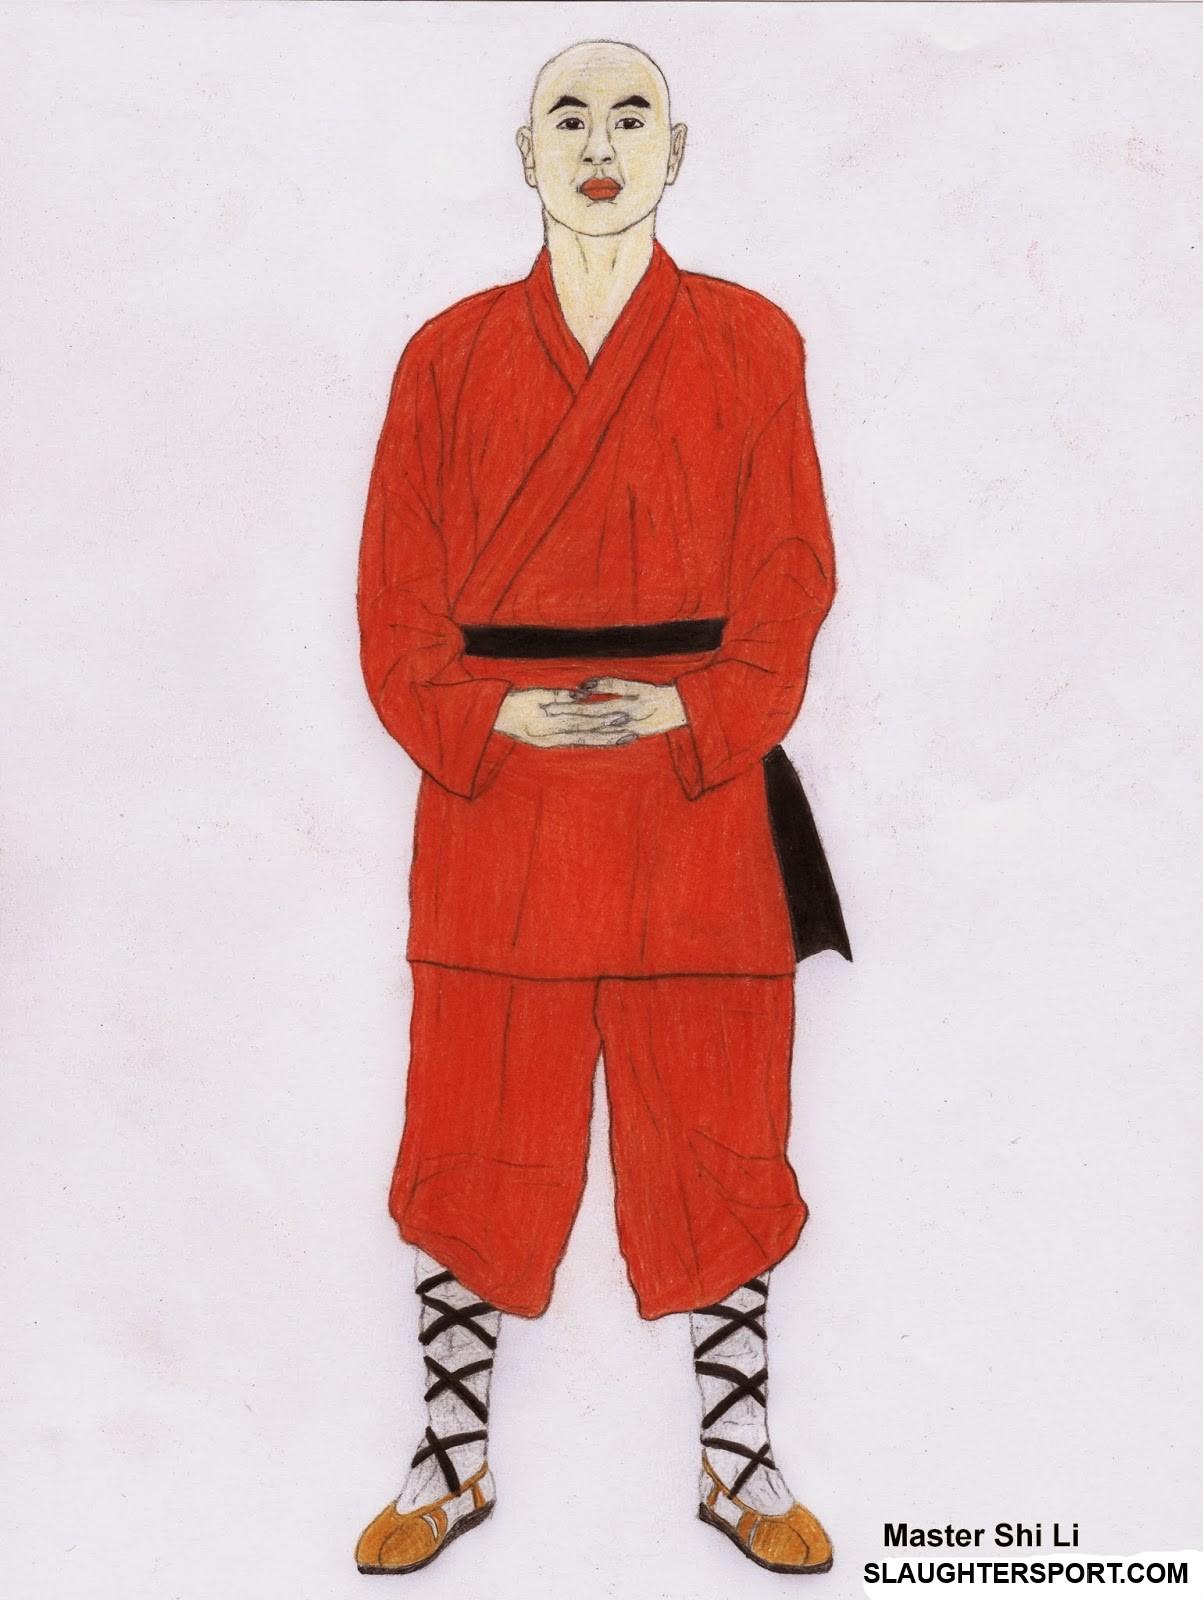 Master Shi Li SLAUGHTERSPORT.COM